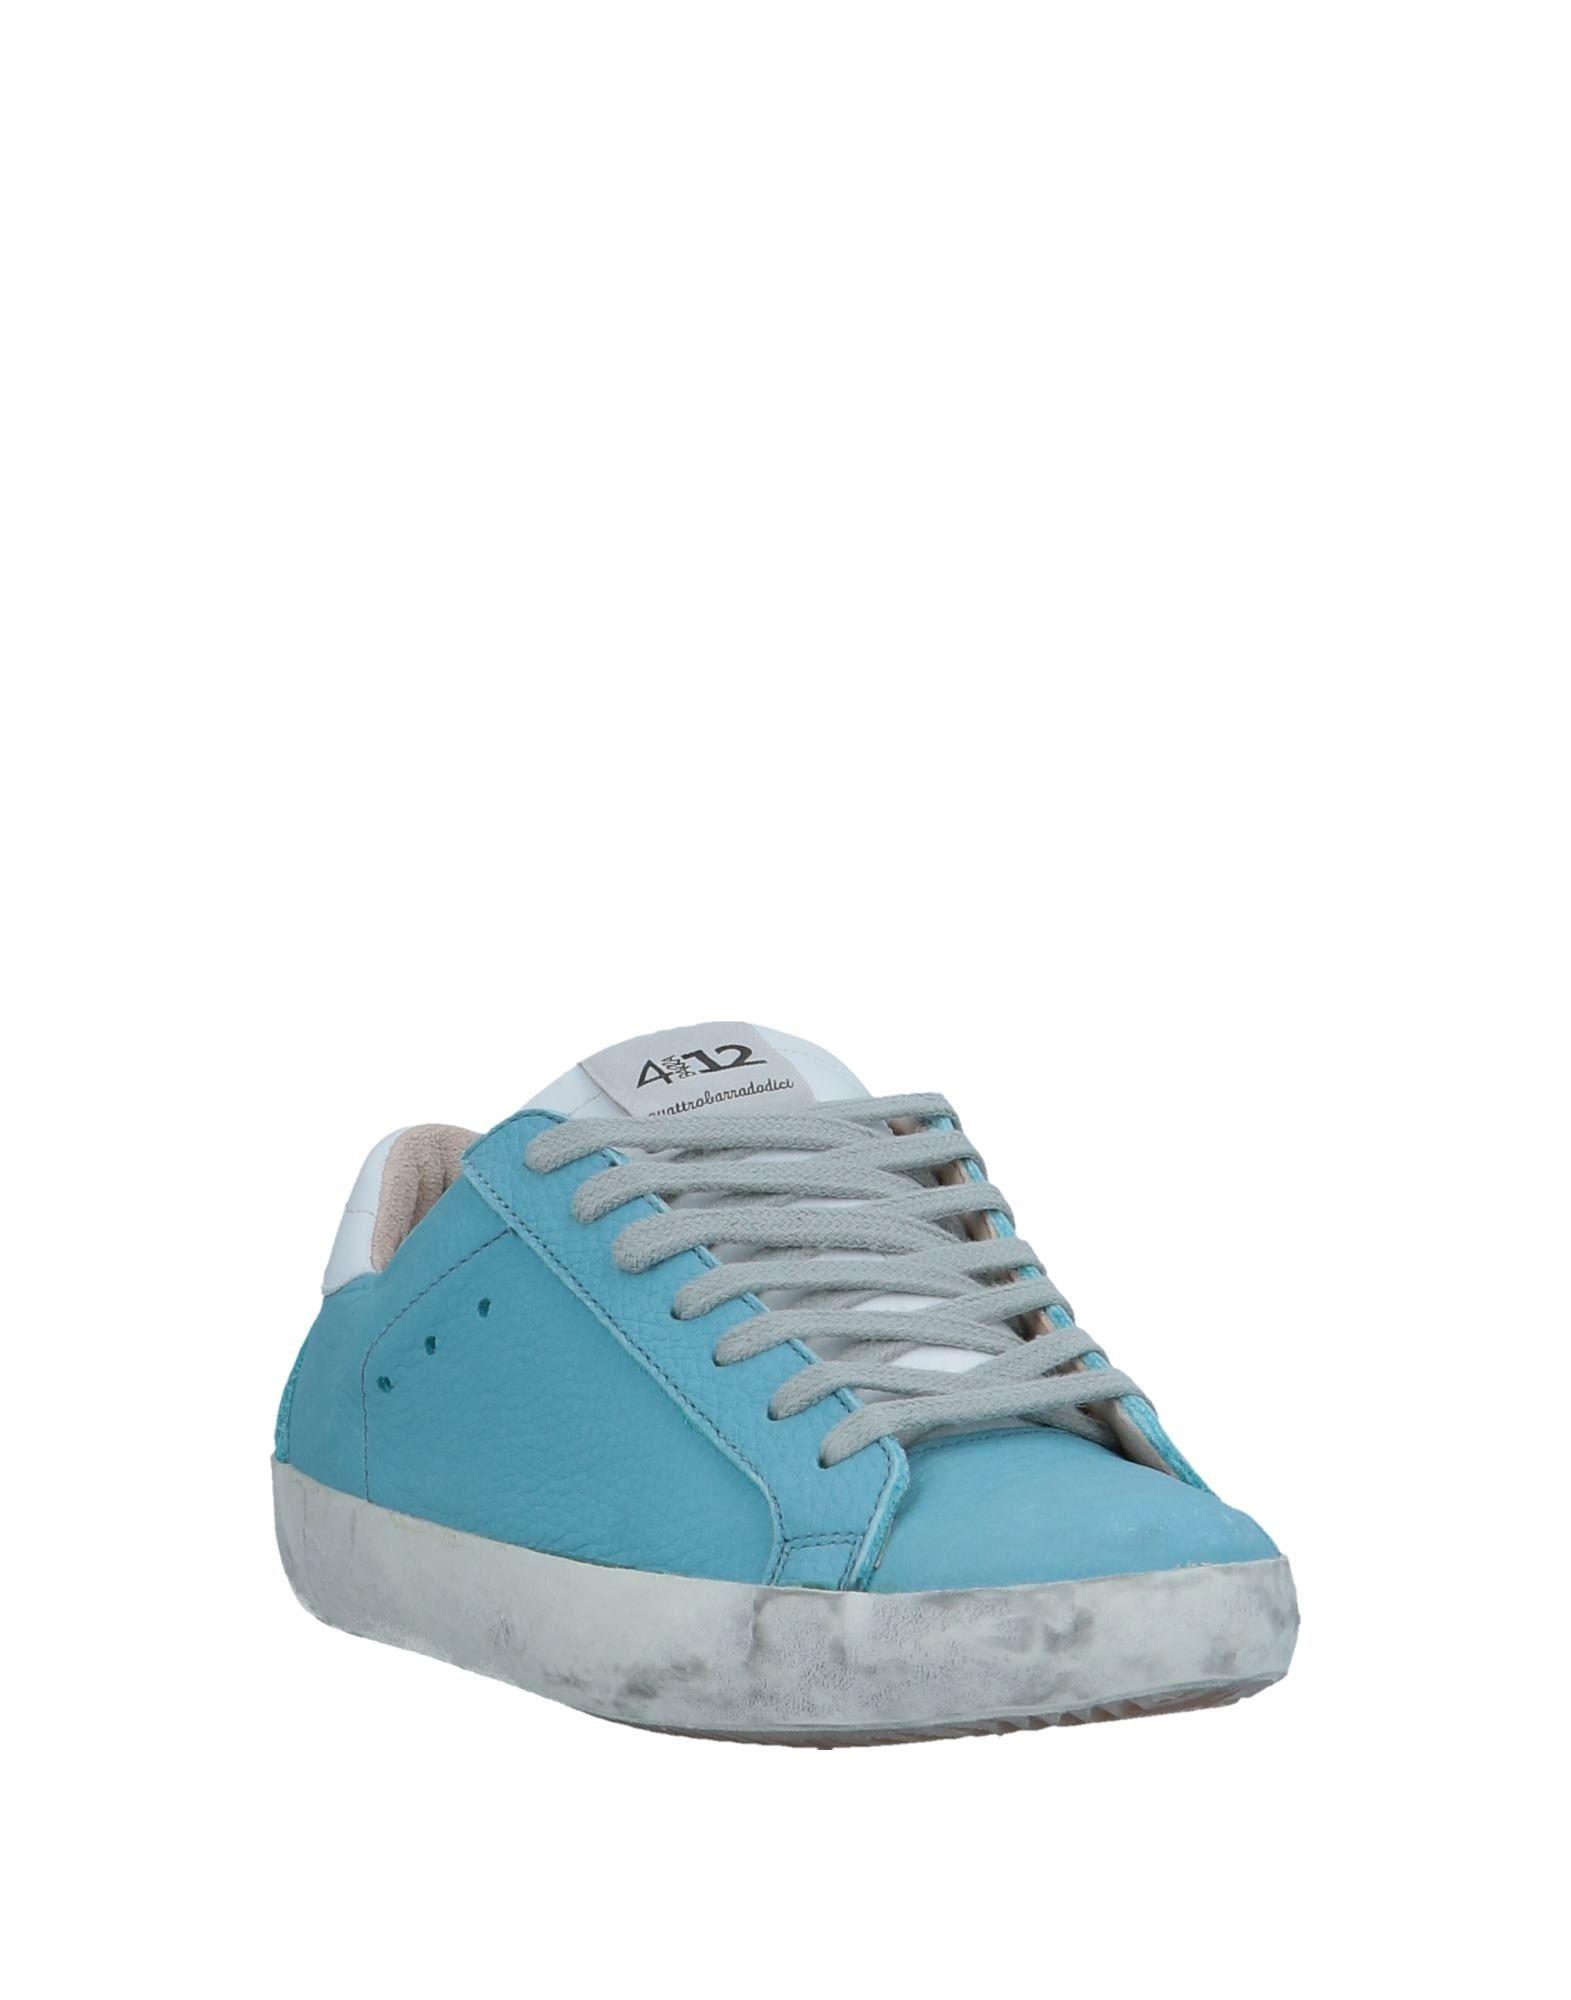 Quattrobarradodici Sneakers Damen Gutes Preis-Leistungs-Verhältnis, es lohnt sich sich sich 3c2331